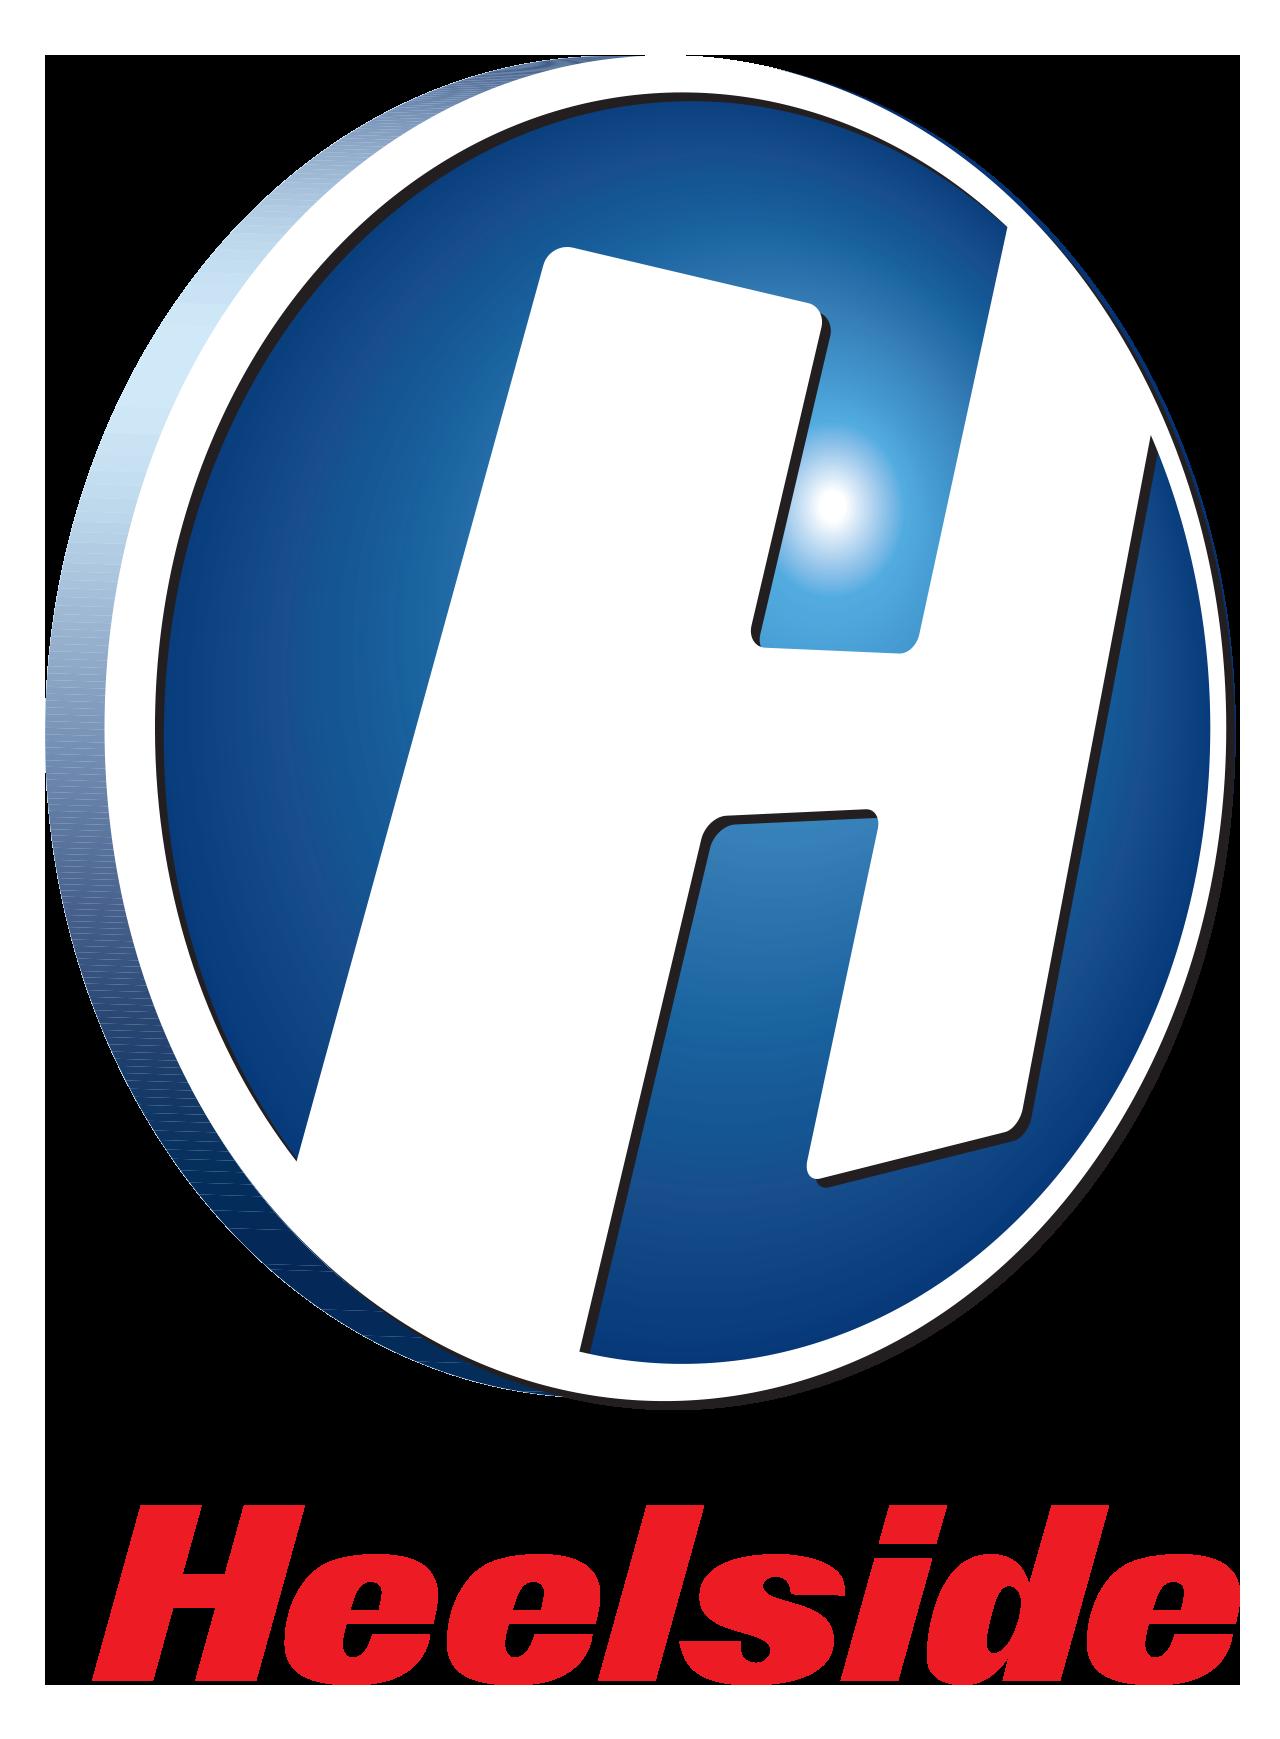 Heelside logo